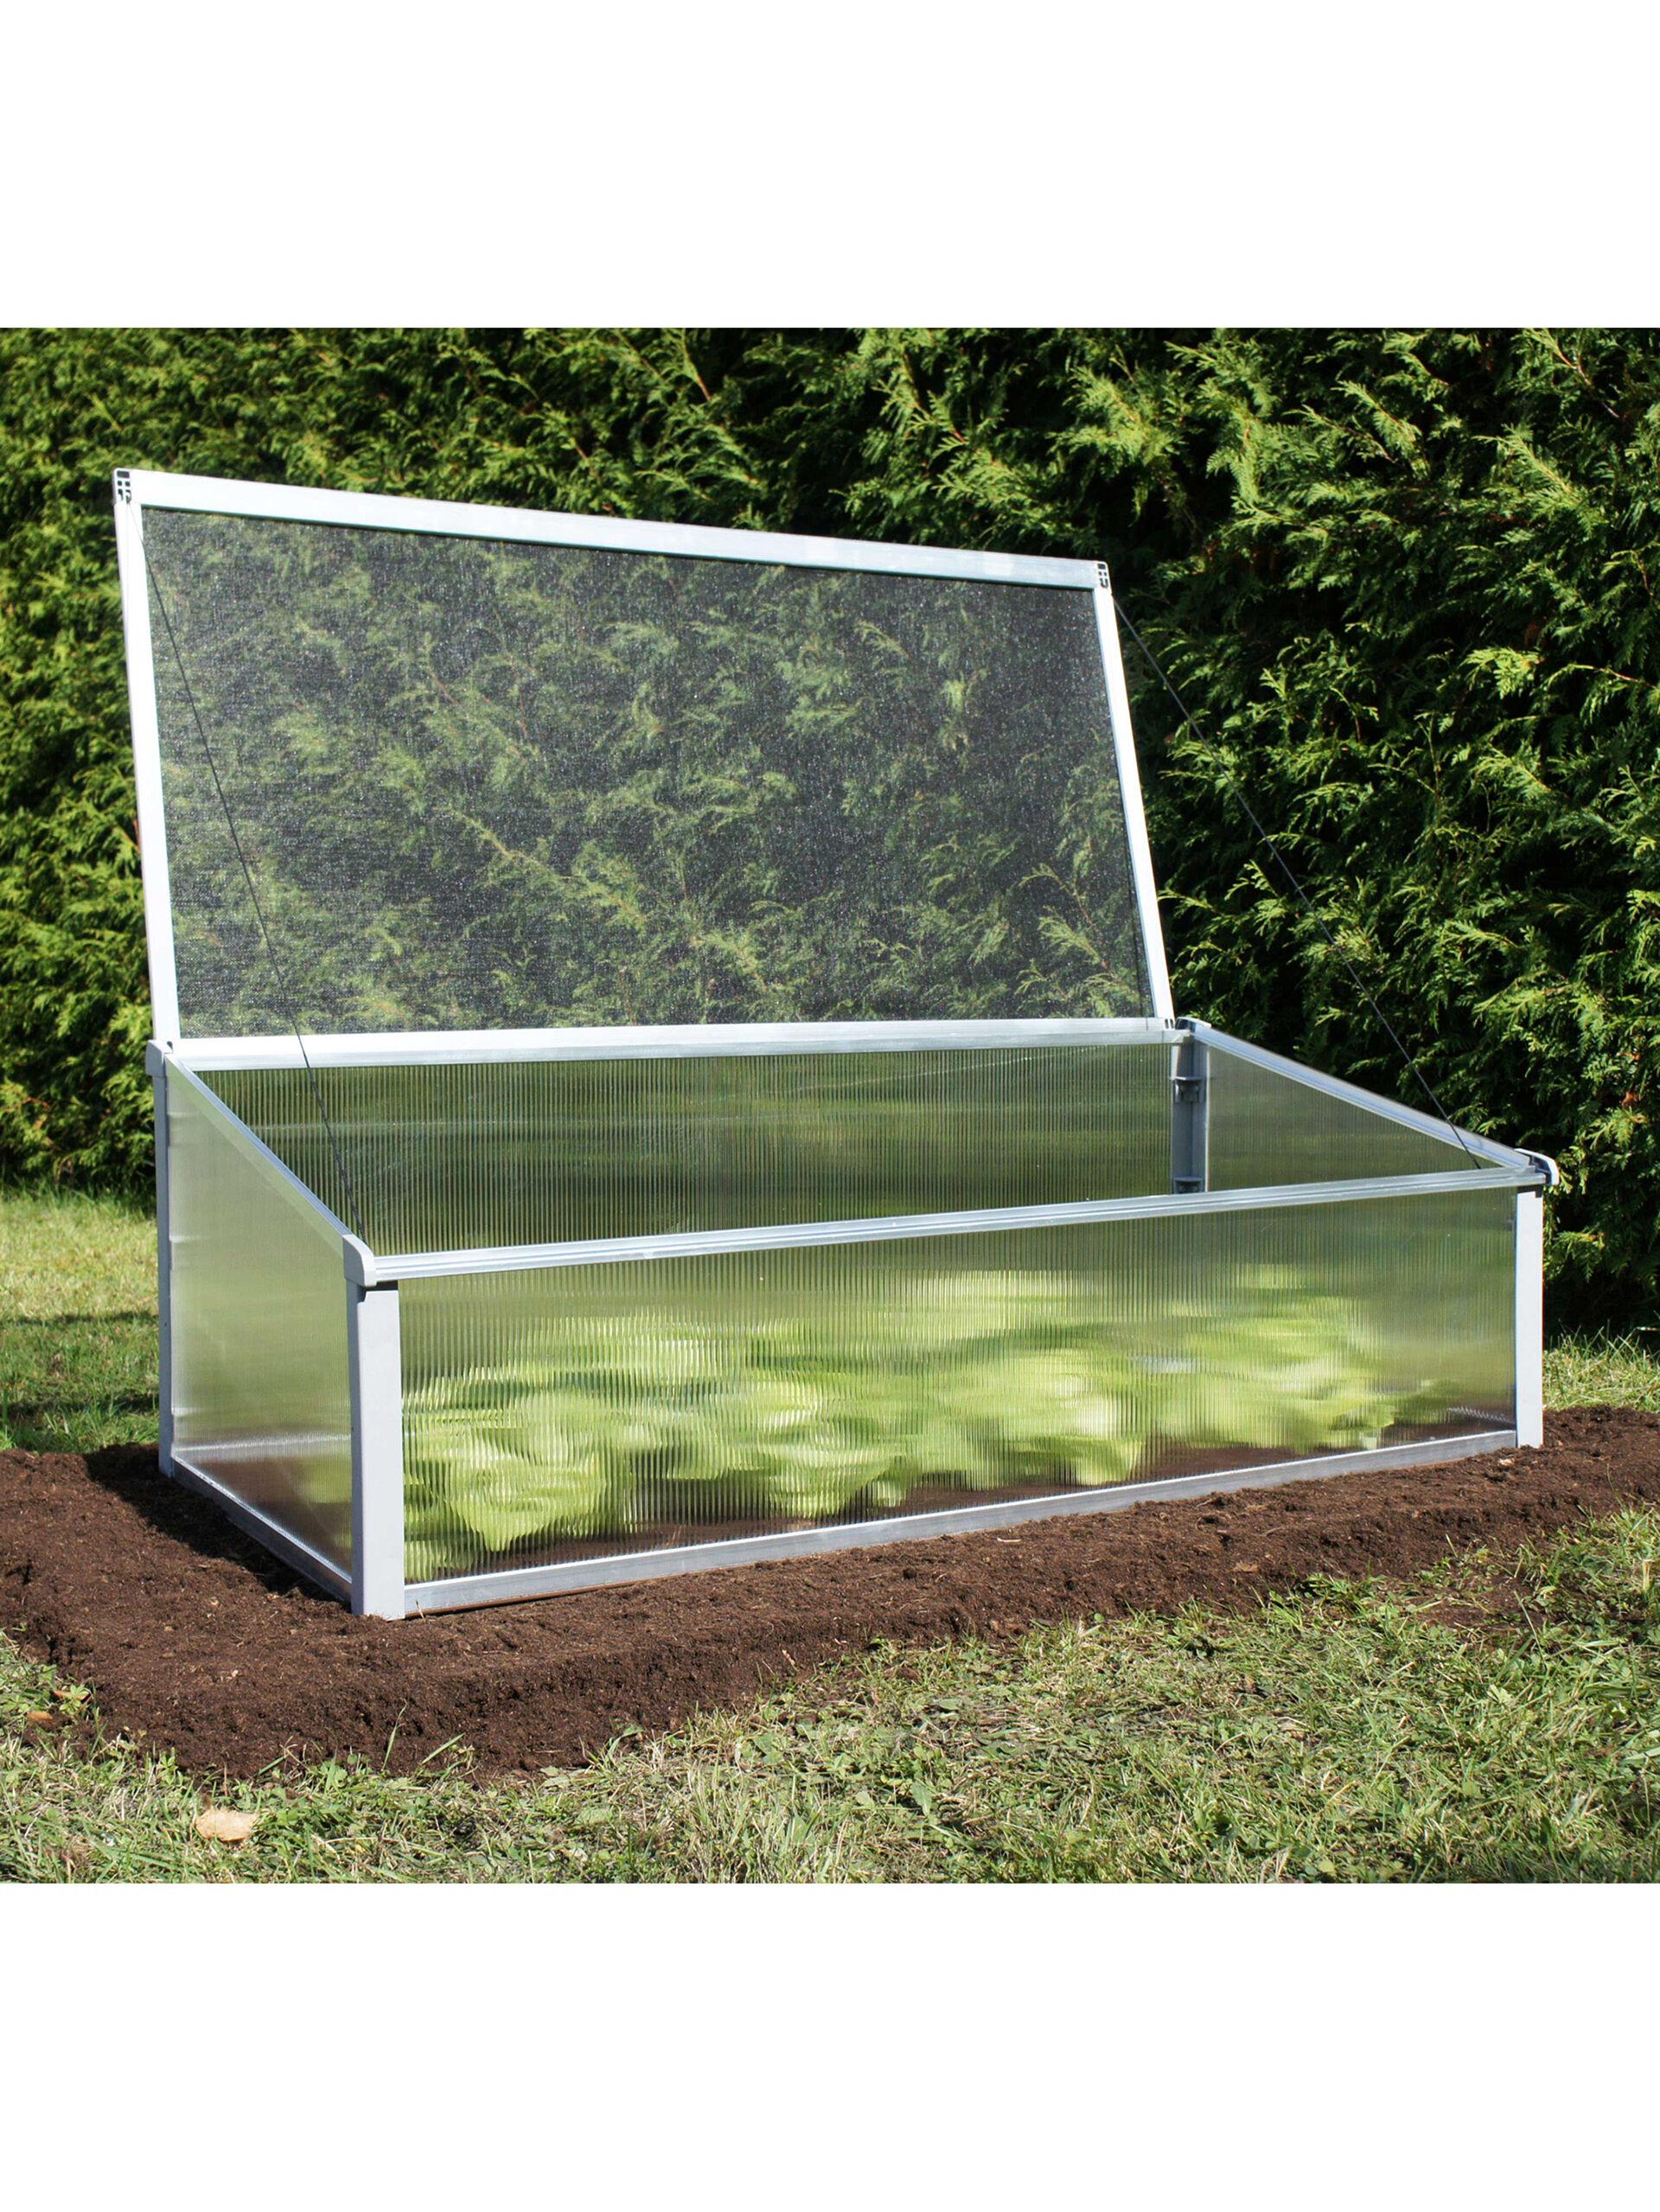 Vegtrug elevated garden beds elevated raised garden beds for A frame kits for sale